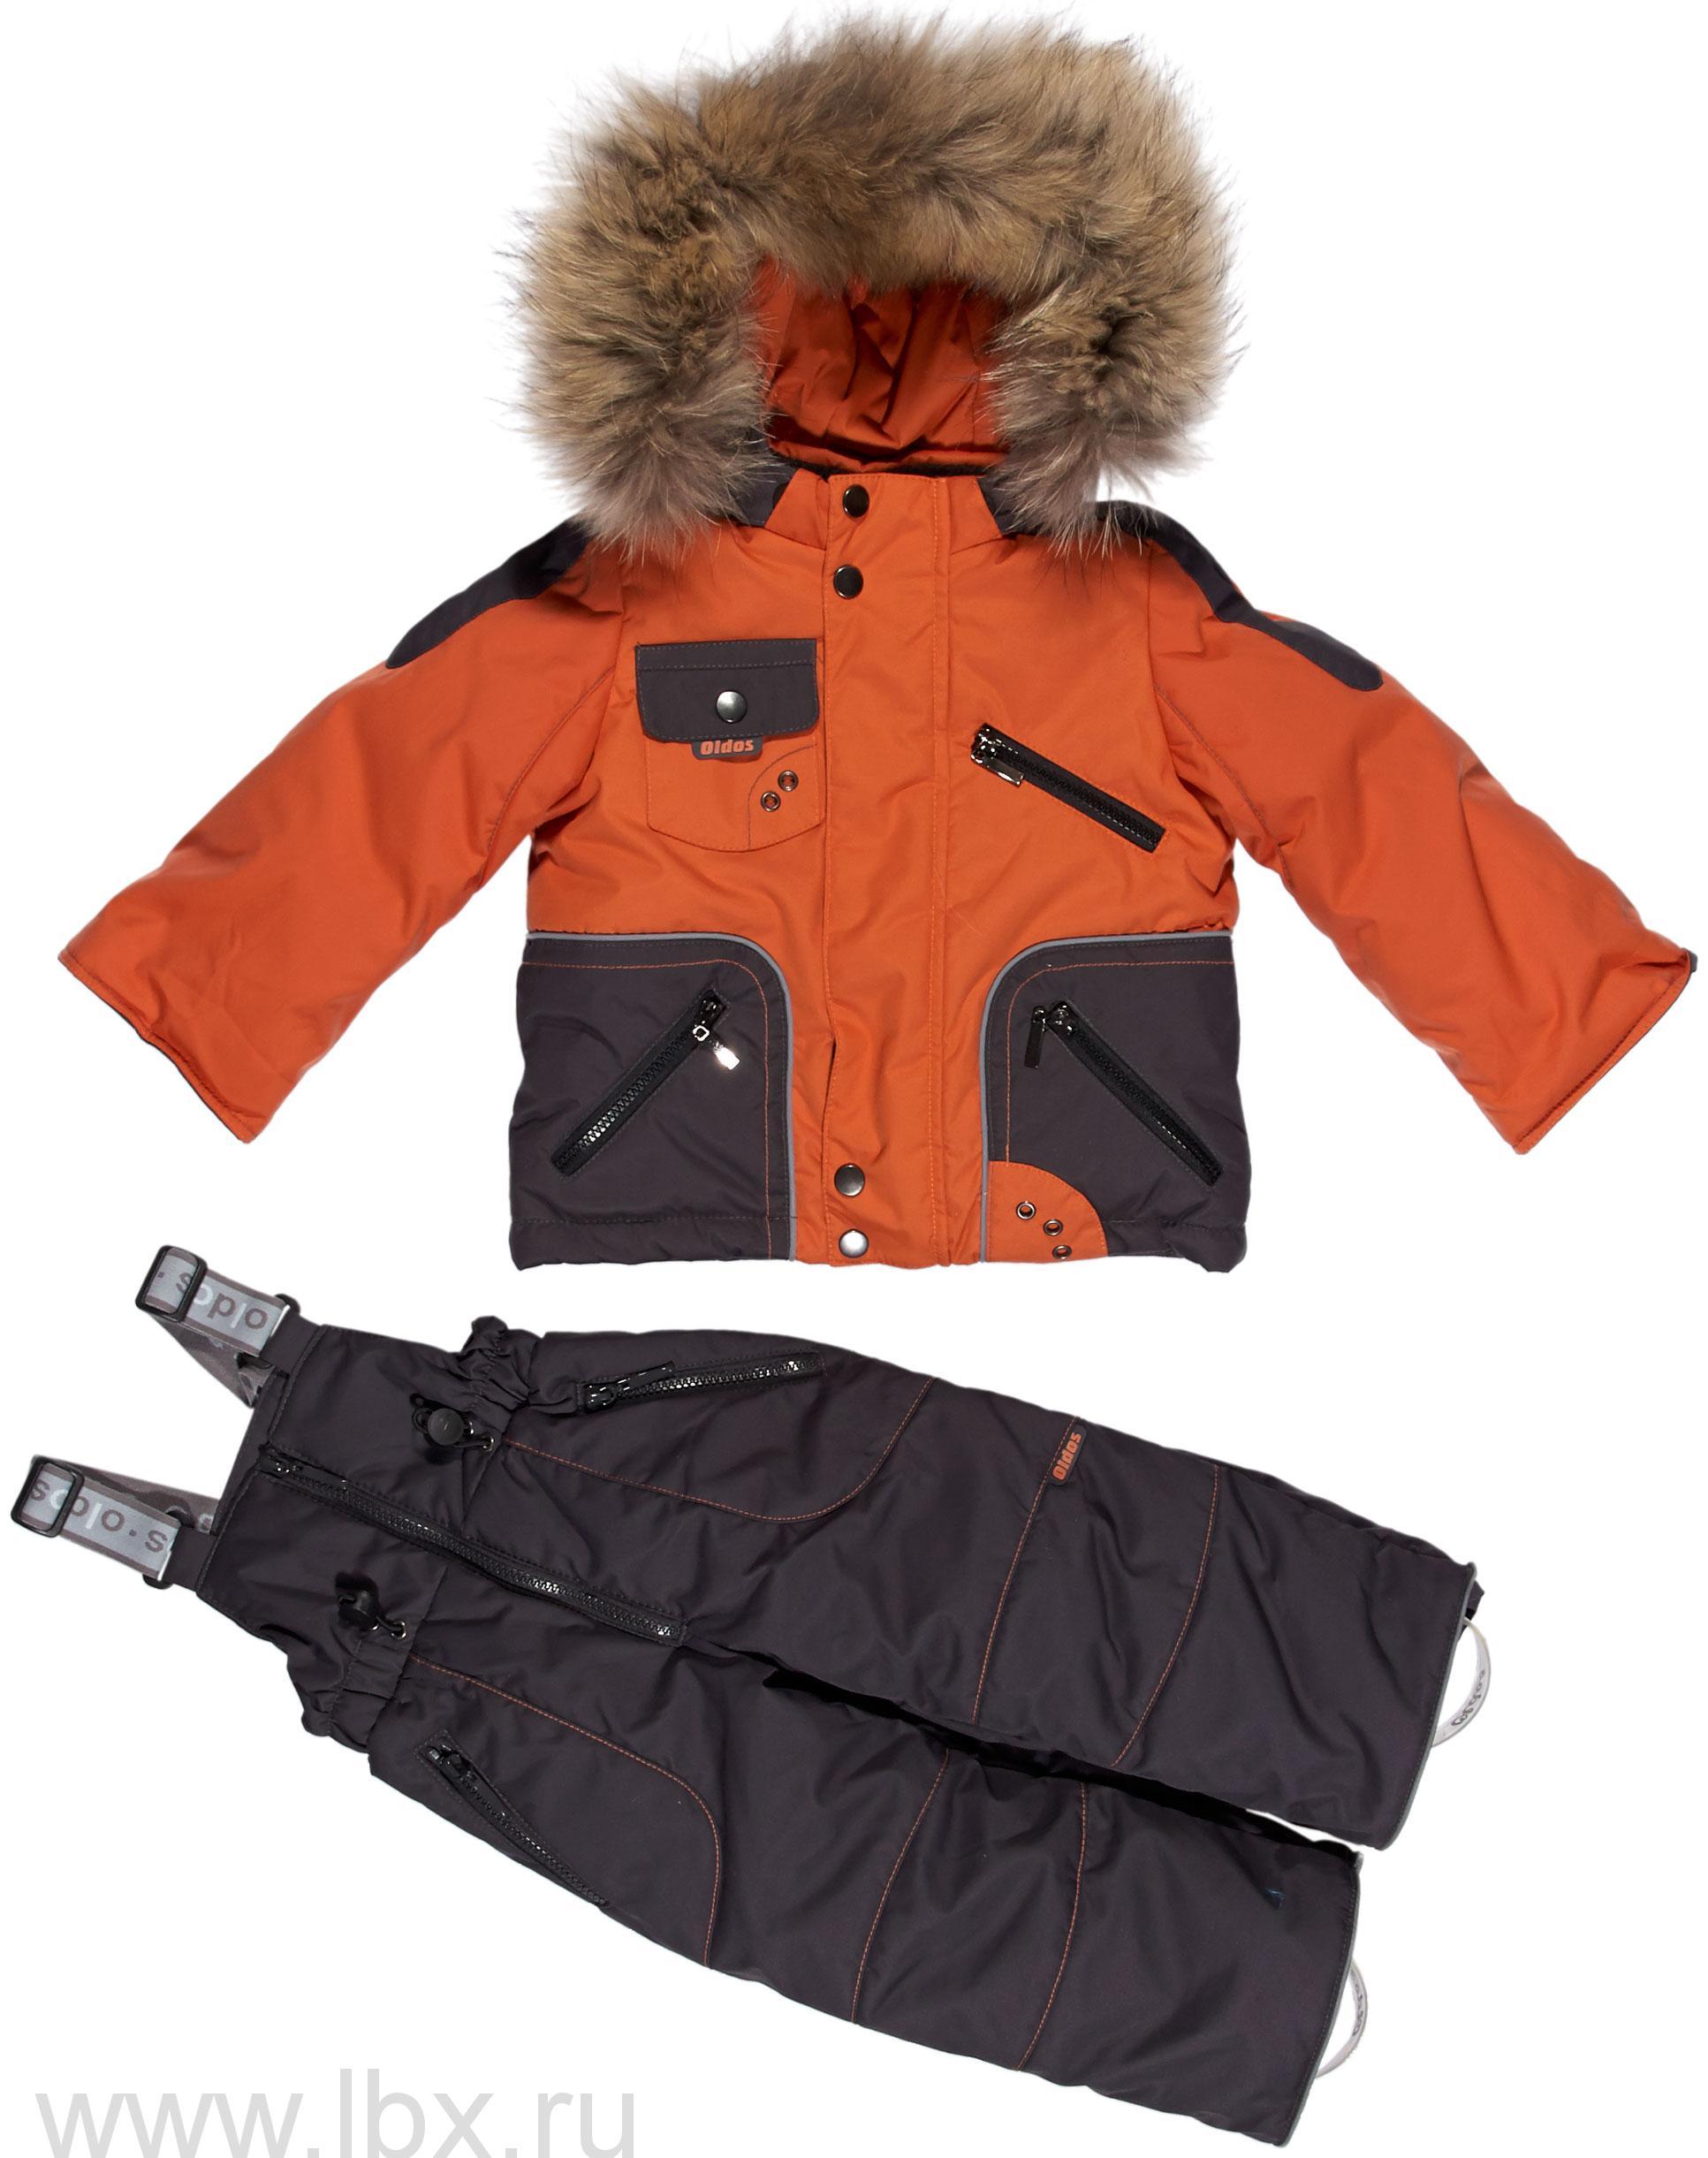 Детская Одежда Для Мальчиков Зимняя